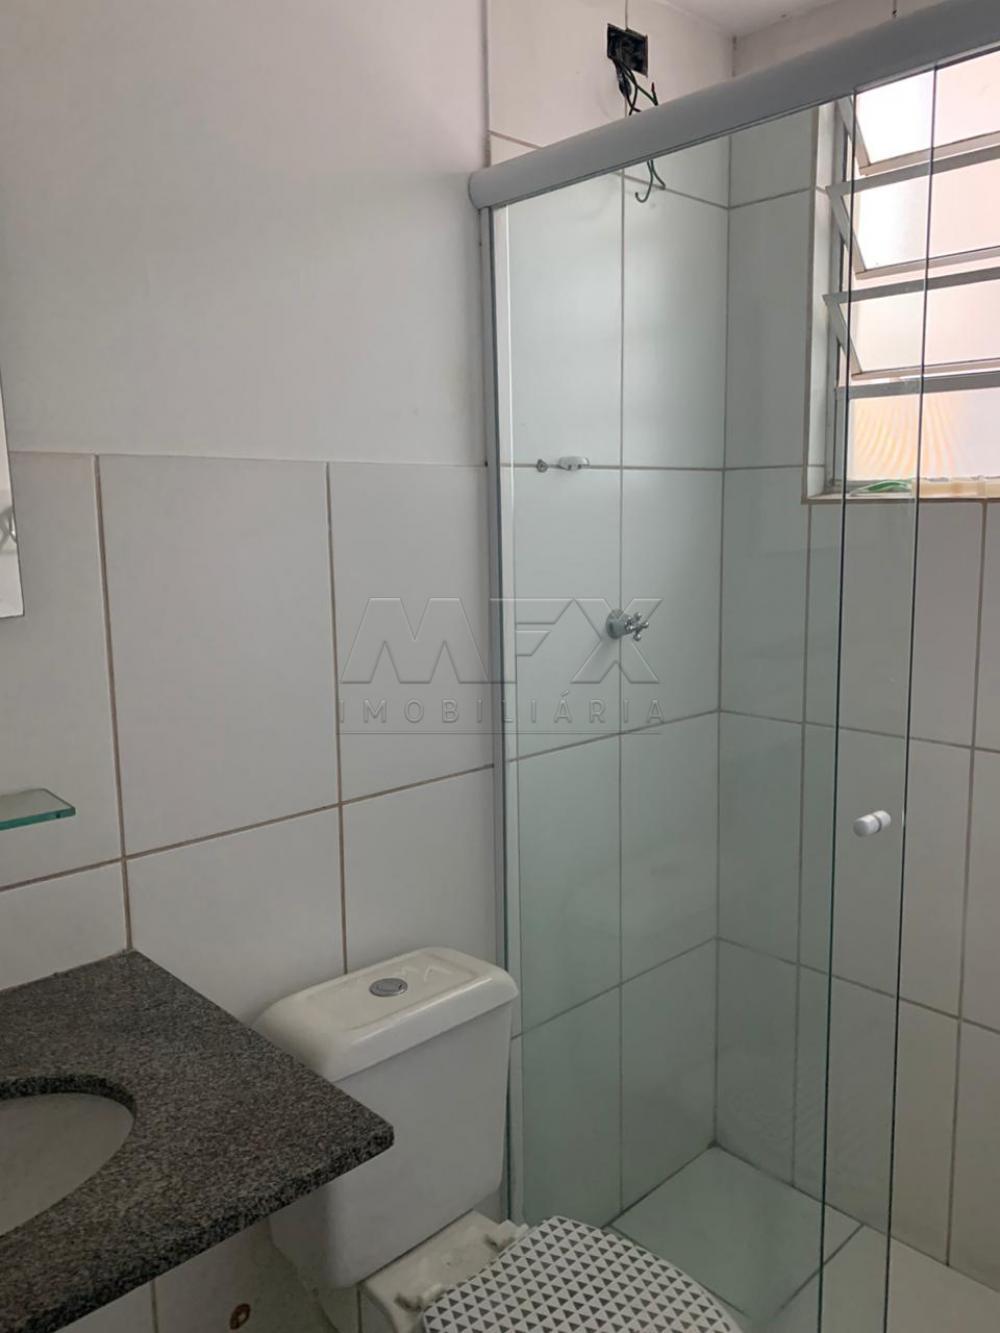 Alugar Apartamento / Padrão em Bauru apenas R$ 850,00 - Foto 9